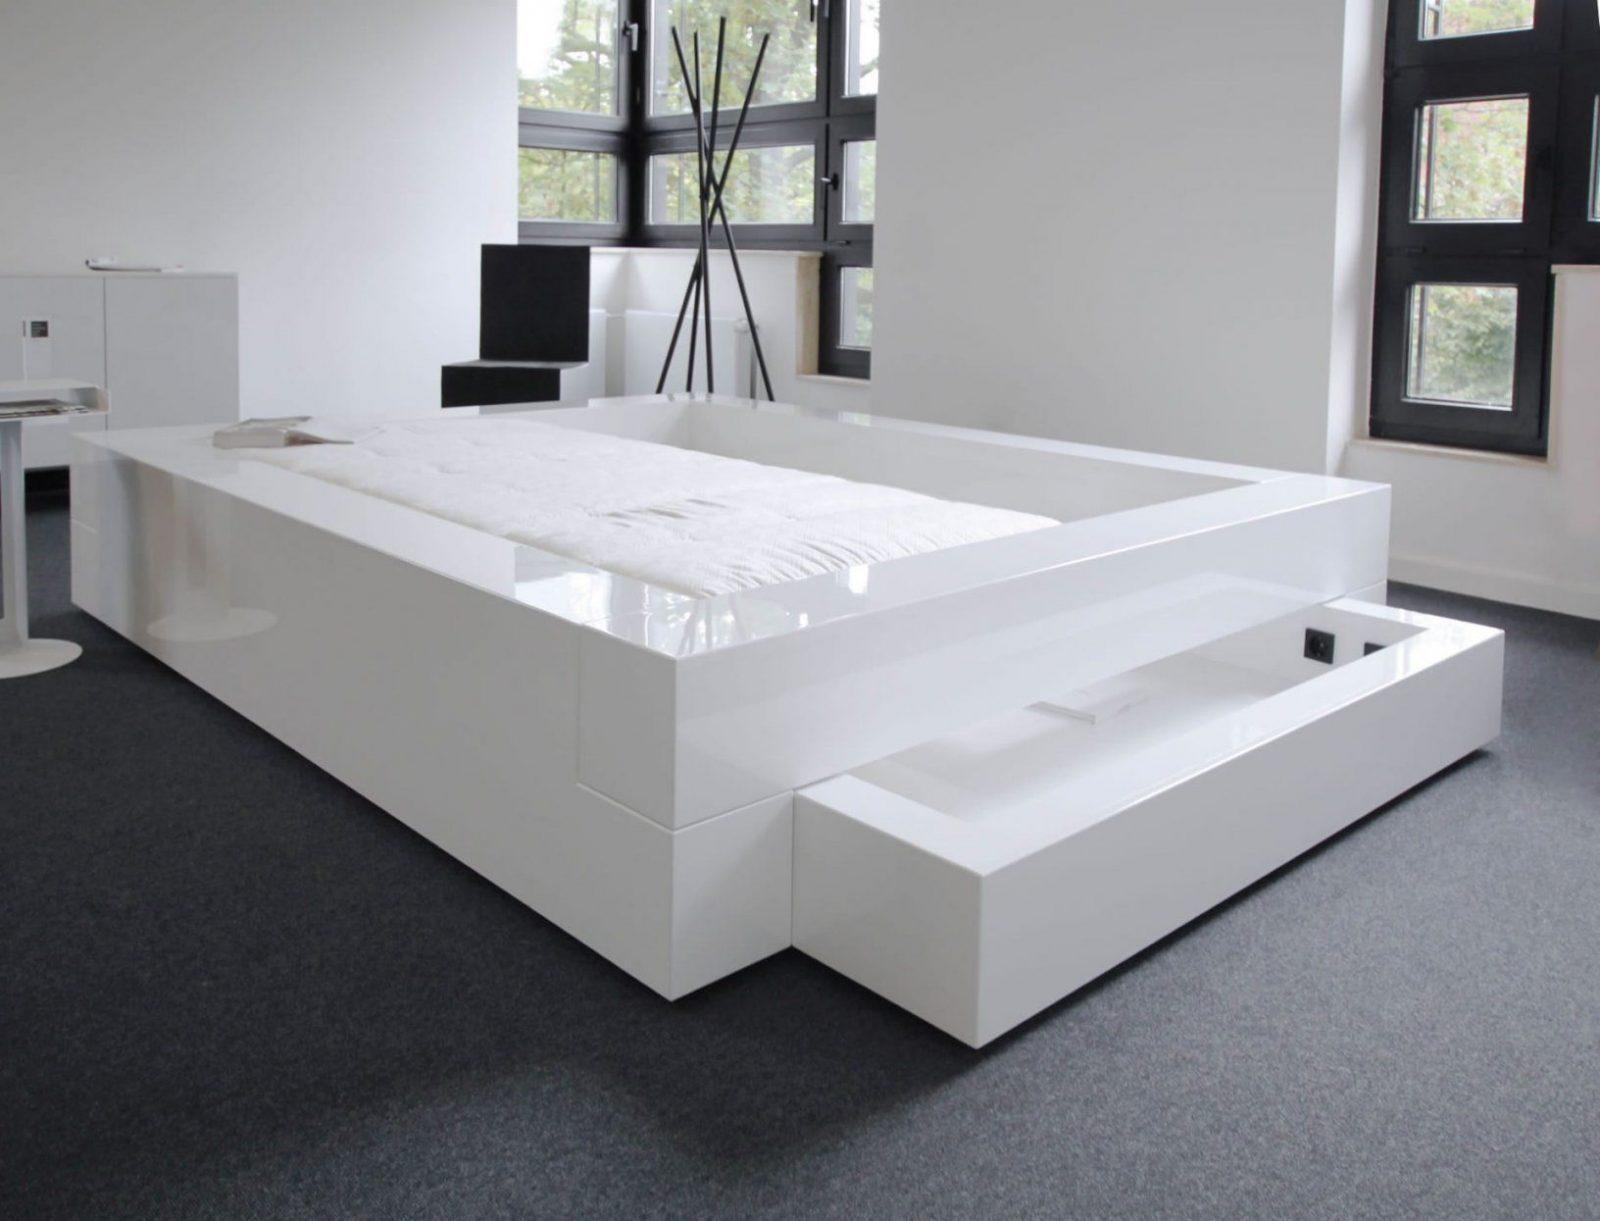 Schlafzimmer Komplett In Weissem Hochglanzlack – Rechteck Felix Schwake von Schlafzimmer Komplett Hochglanz Weiss Photo